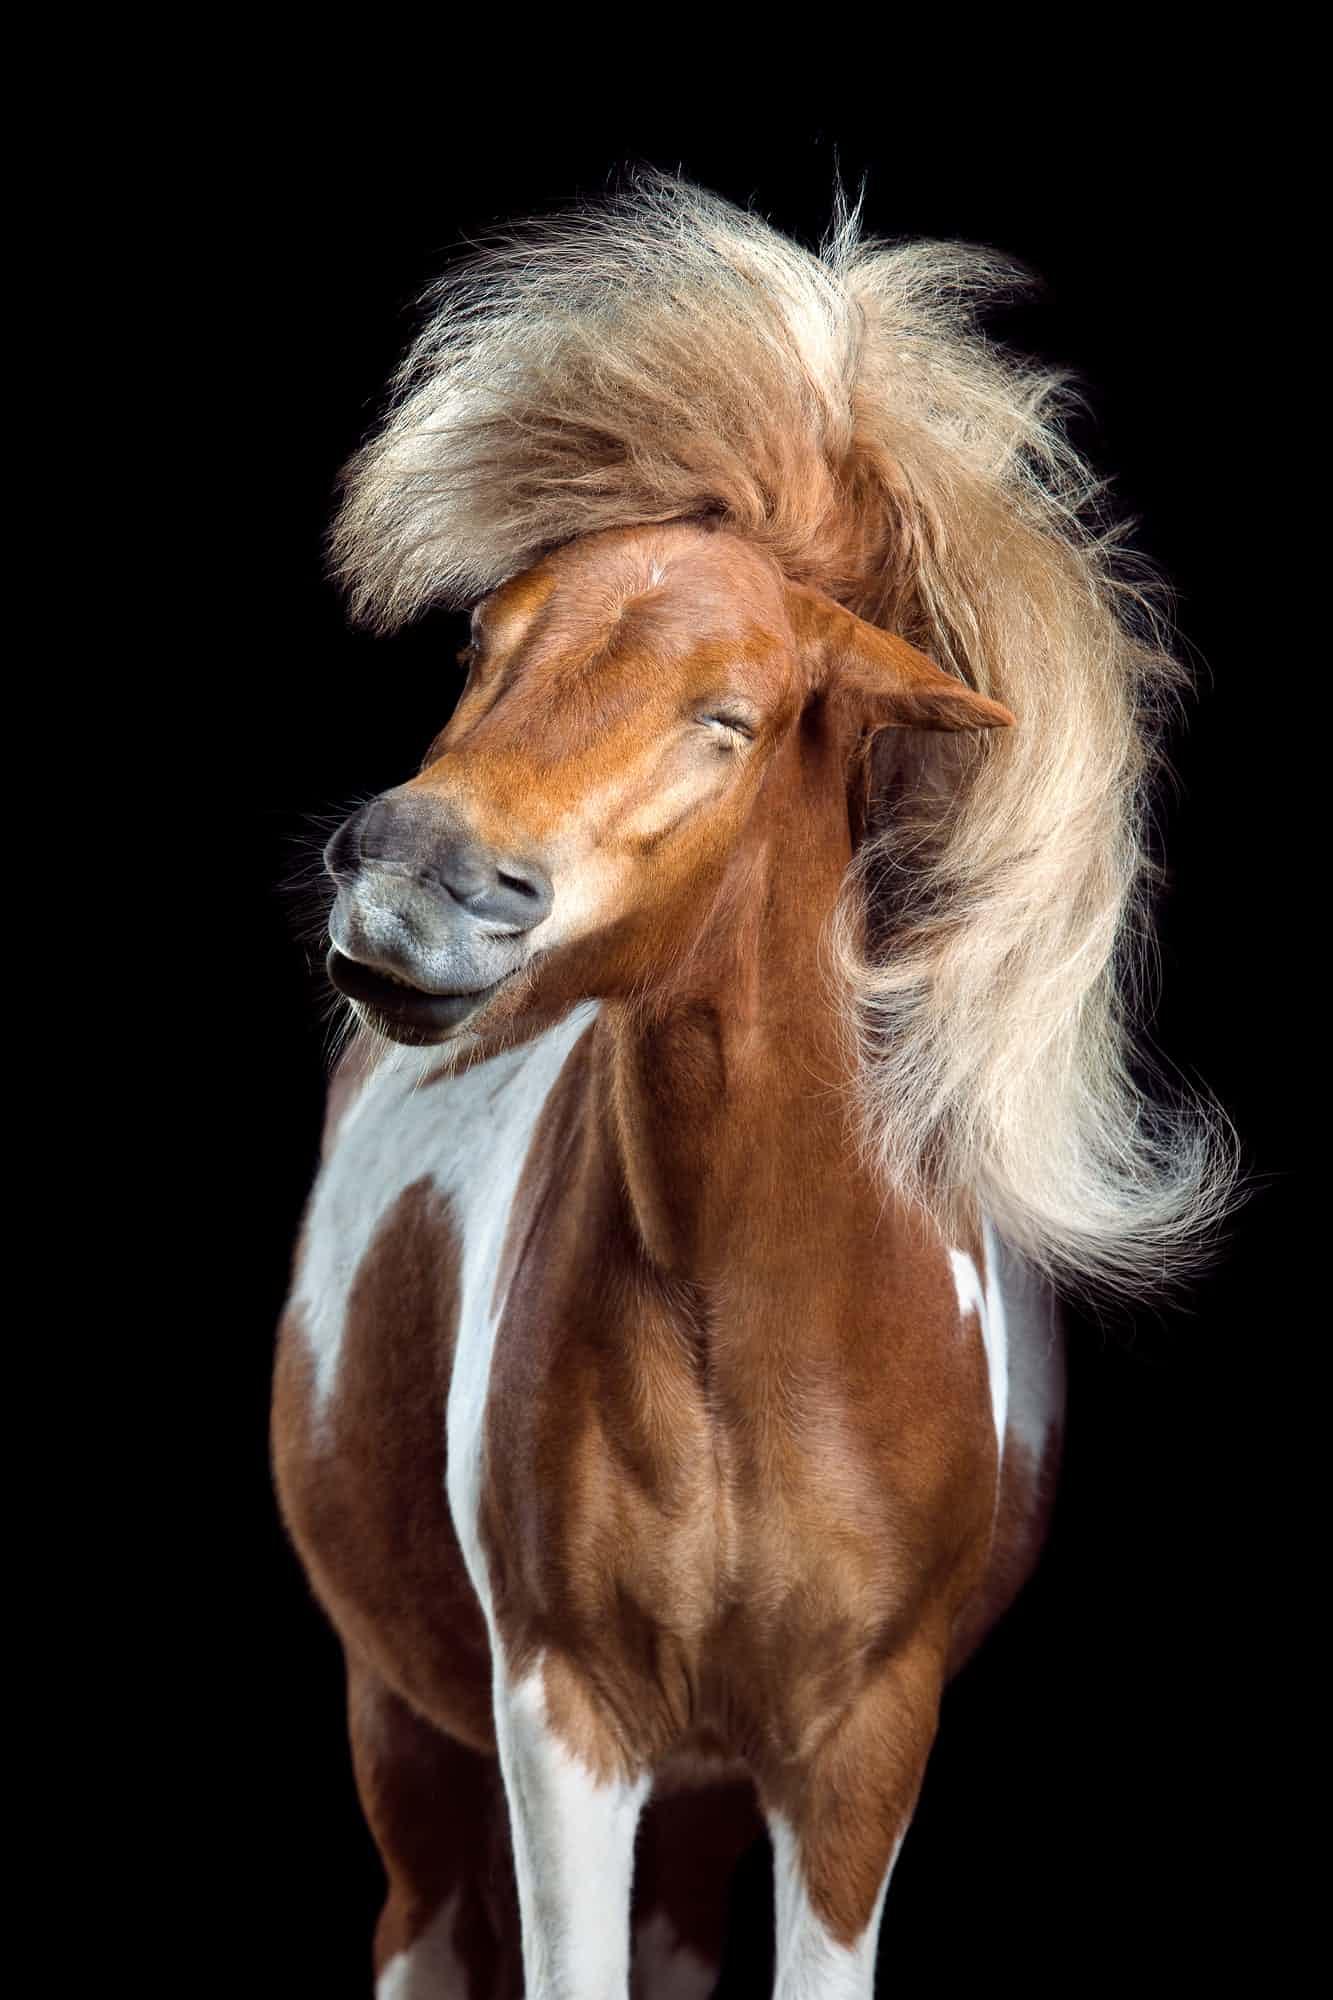 «Η τέλεια περούκα». Τρίτη θέση, κατηγορία Φυσικός Κόσμος και Αγρια Φύση. Μετά από λίγο γαργαλητό στο αυτί το άλογο τινάζει το κεφάλι του, κάνοντας την πλούσια χαίτη του να μοιάζει με περουκίνι. «Φωτογραφίζω άλογα επειδή λατρεύω την ομορφιά τους και την υπέροχη χάρη τους και επειδή μπορούν να γίνουν φοβερά αστεία» λέει ο γερμανός φωτογράφος